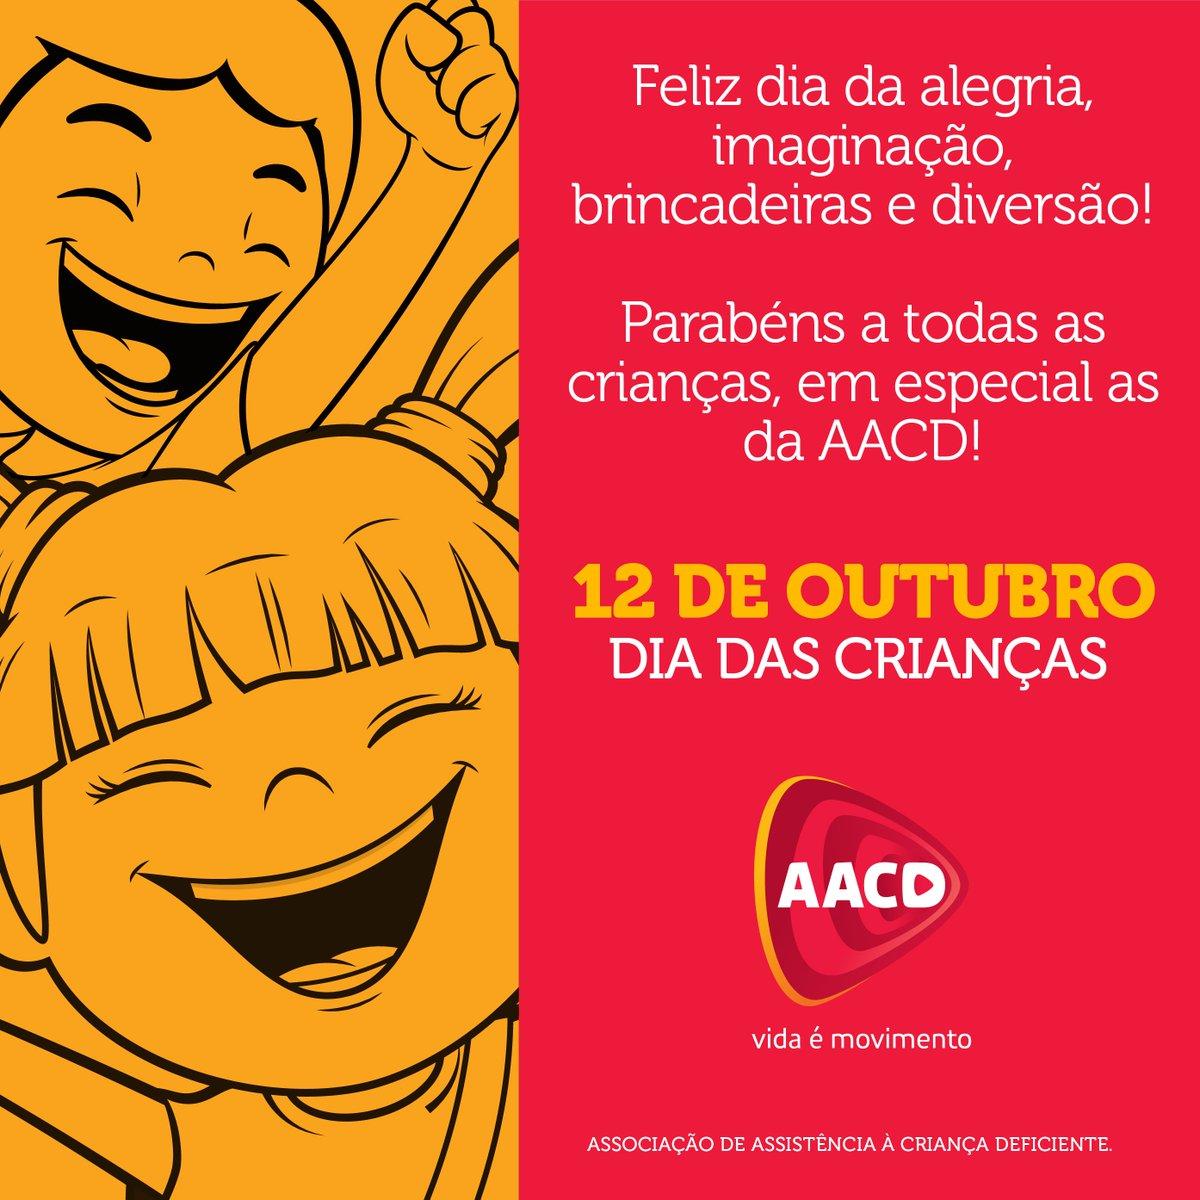 Nossa homenagem para todas as crianças do Brasil ! :) https://t.co/YurXrCUwuU